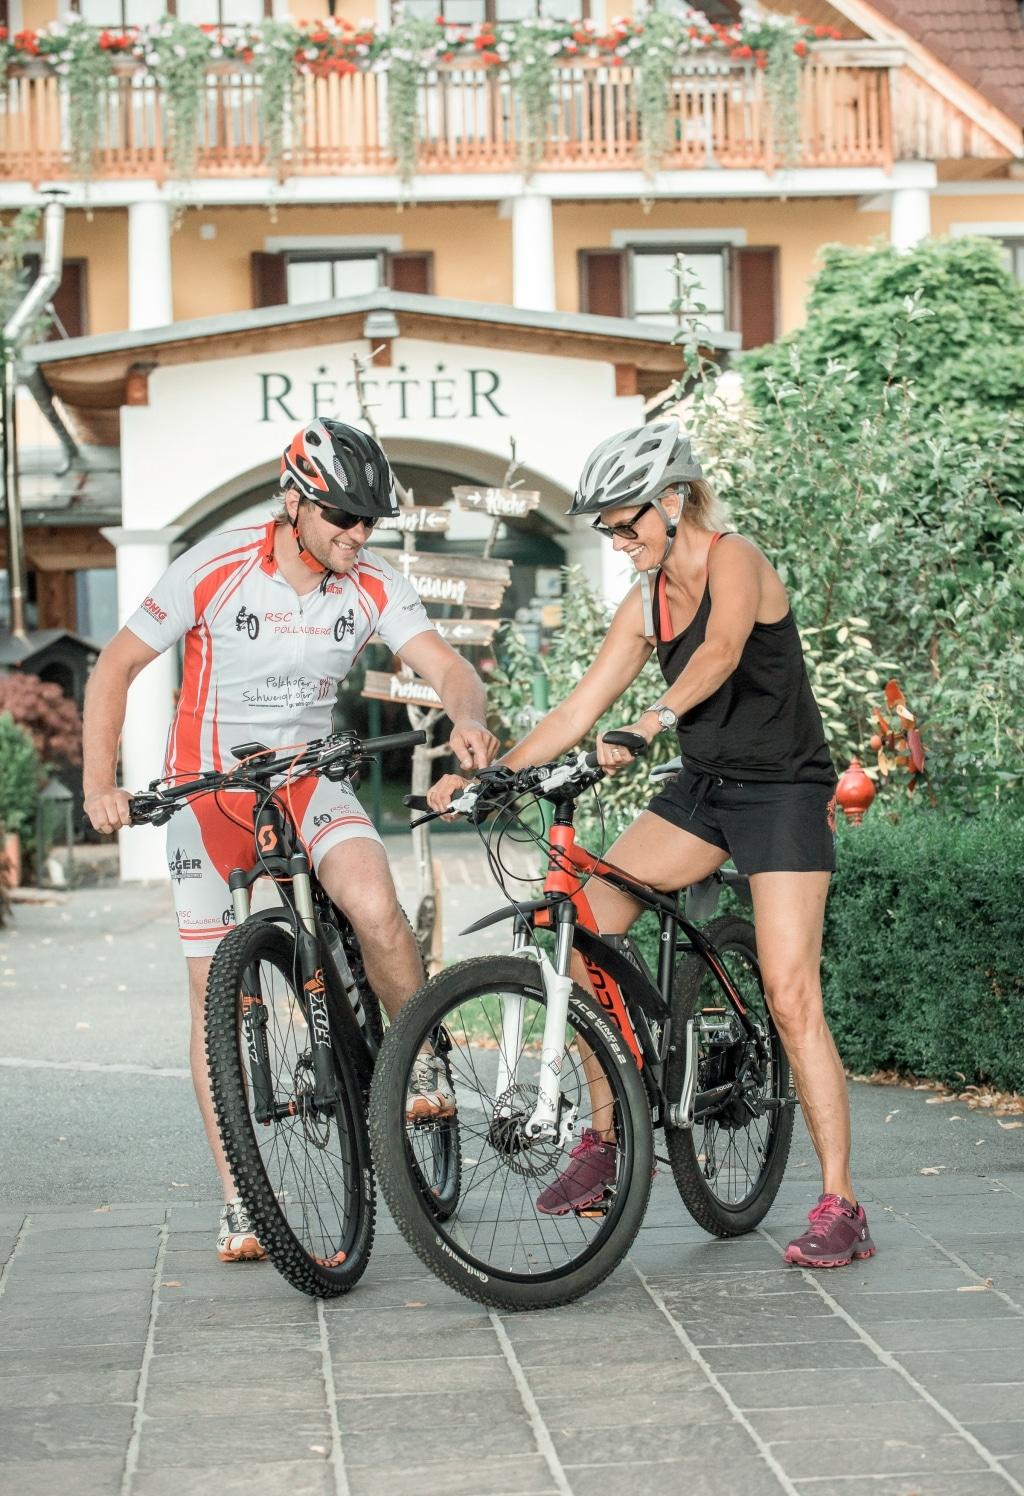 Radfahrer vor Eingang des Biohotels Retter